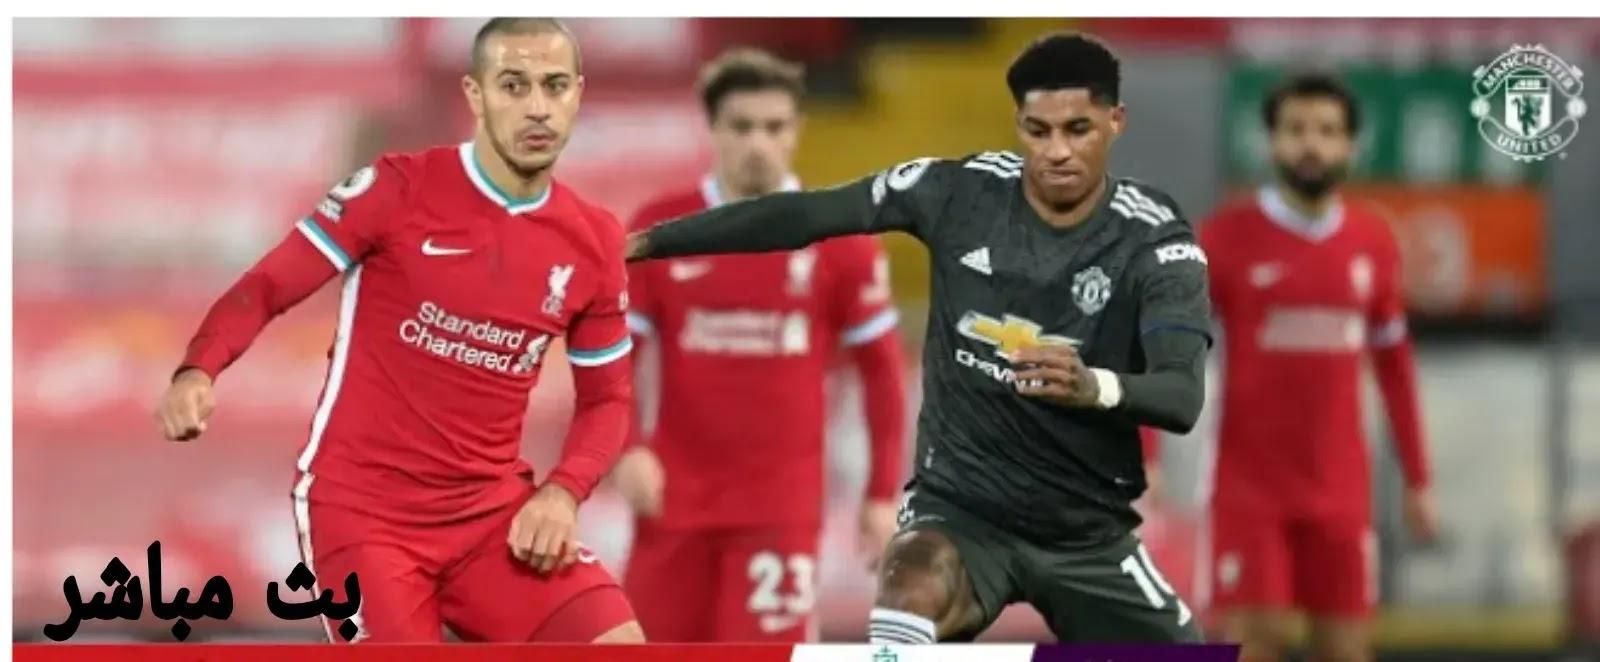 مشاهدة مباراة ليفربول ومانشستر يونايتد بث مباشر اليوم الأحد 24-01-2021 في كأس الأتحاد الأنجليزي لايف بدون اي تقطيع نهائي